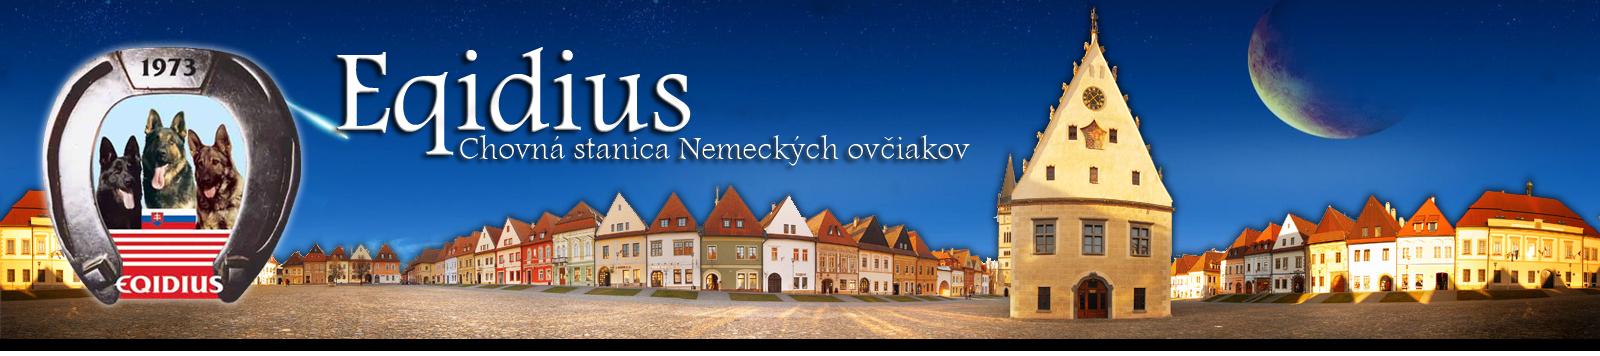 Eqidius - Chovná stanica Nemeckých ovčiakov